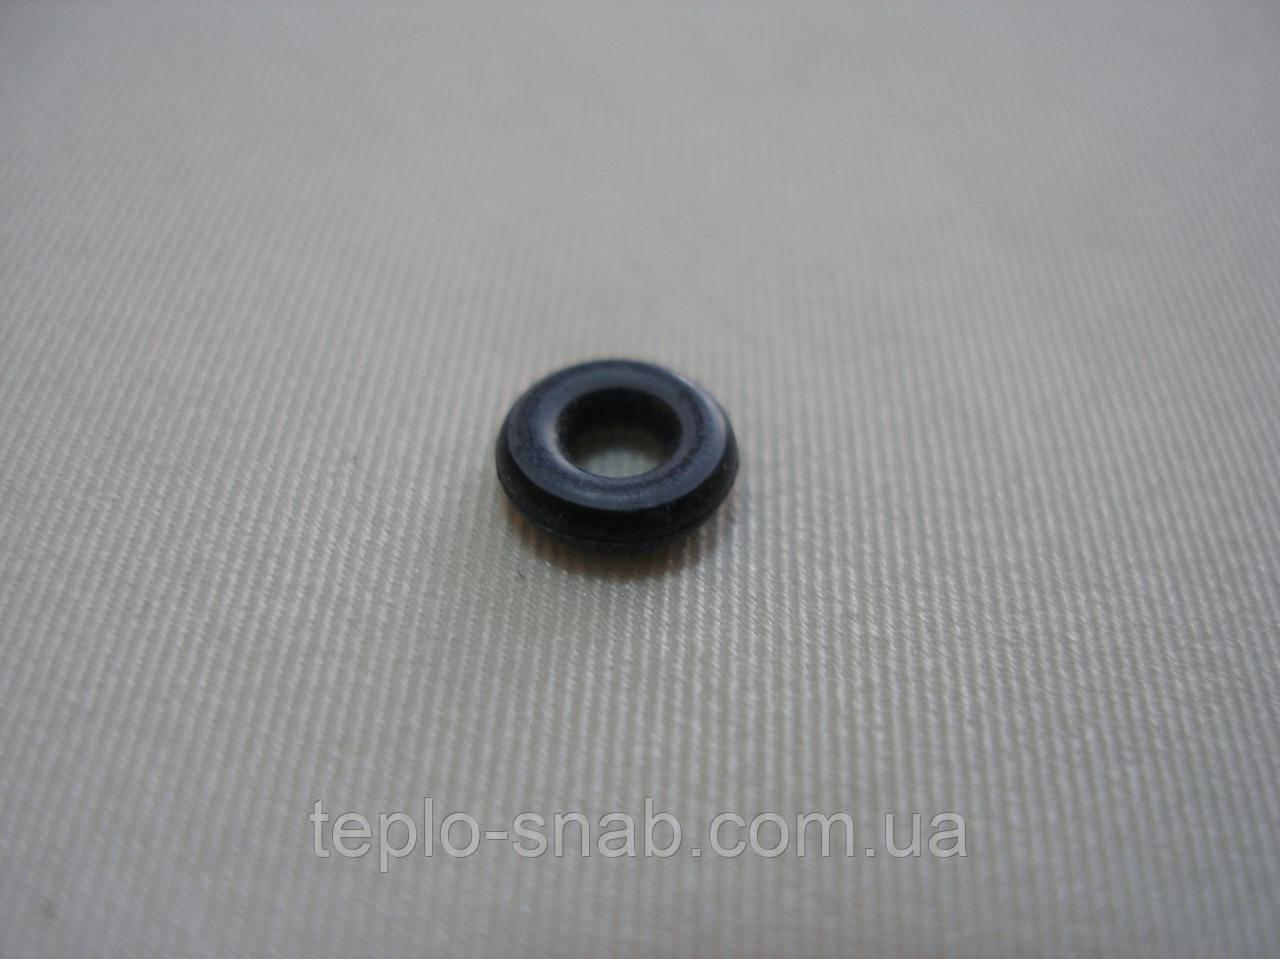 Уплотнительное кольцо для газового котла Protherm Тiger v12,17. 0020034178